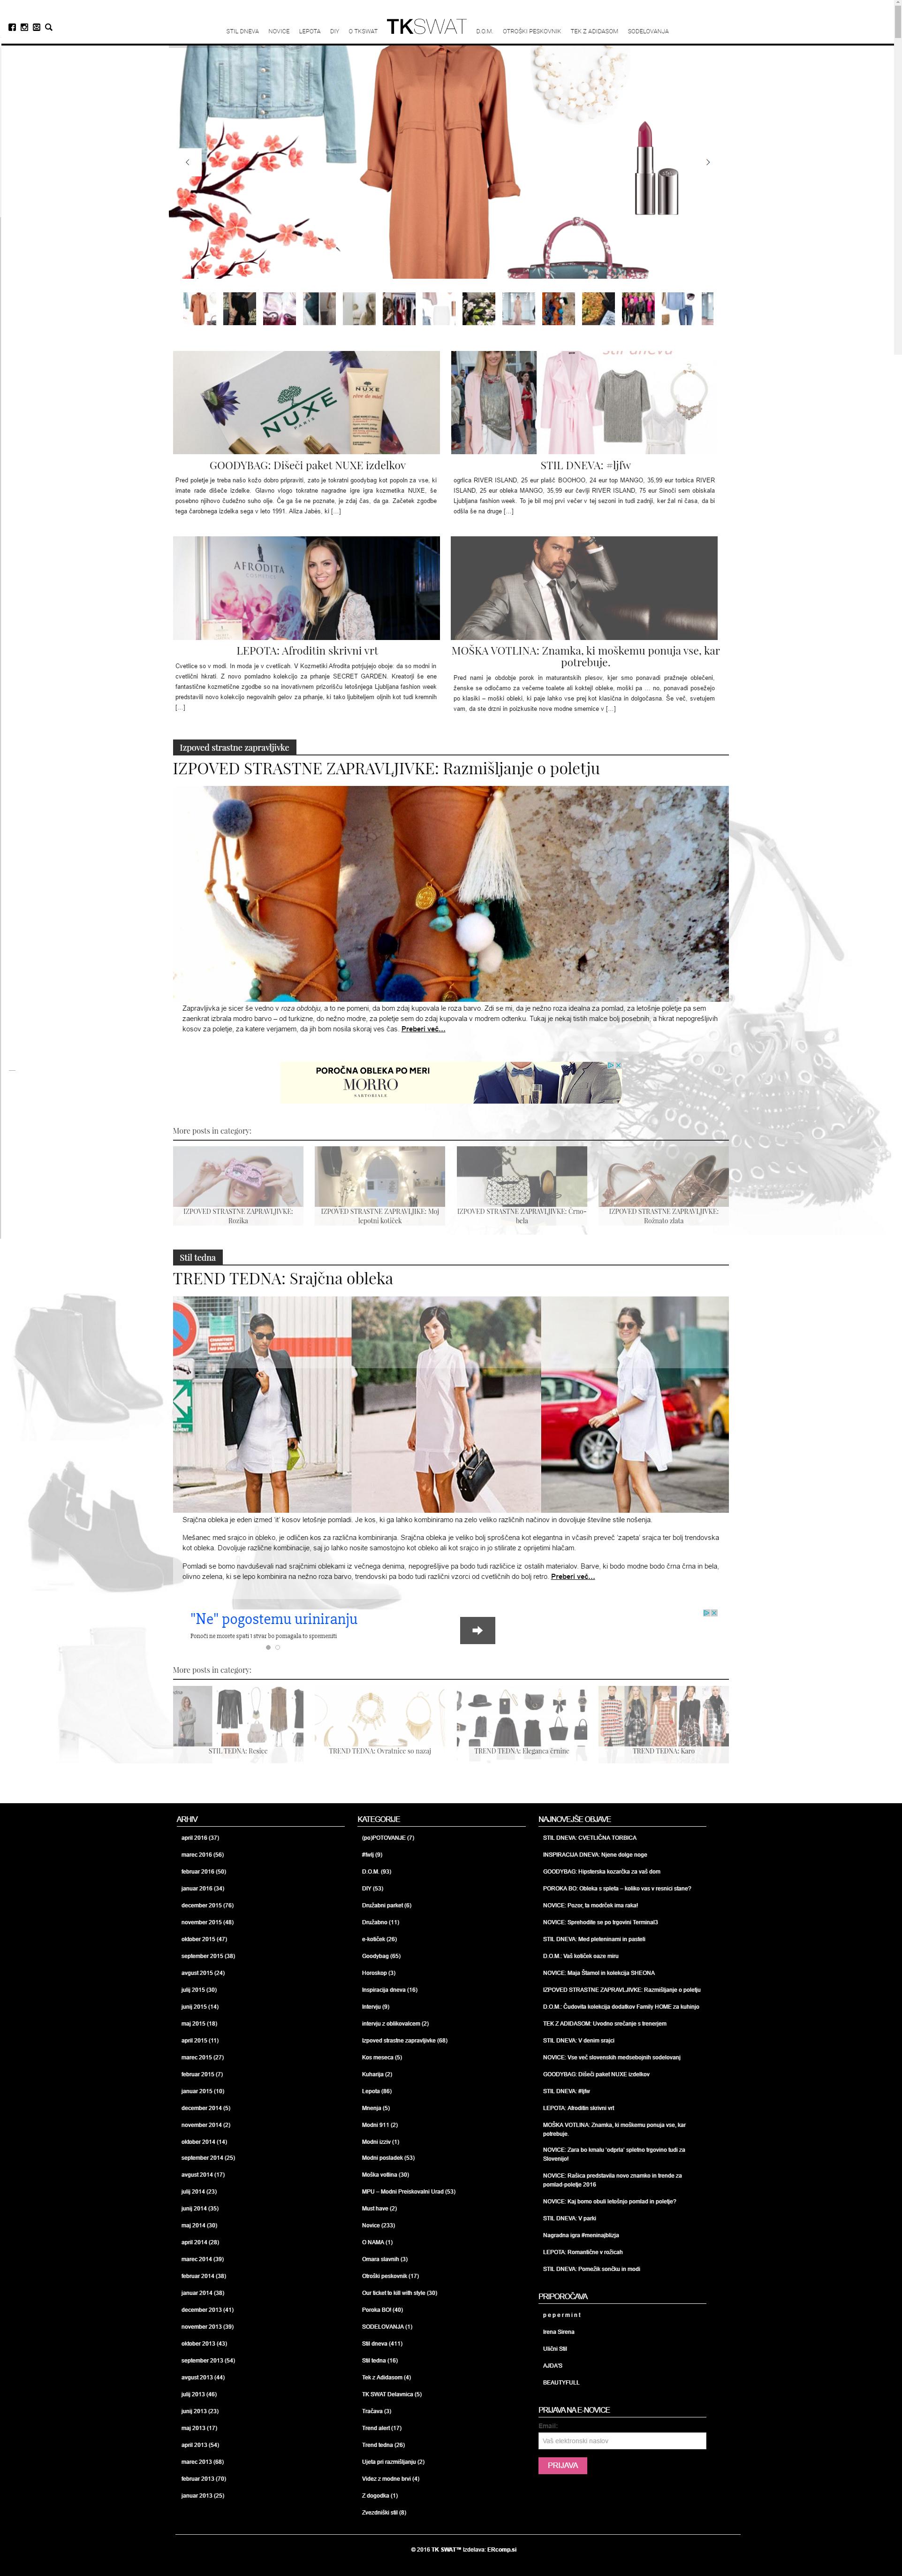 TK SWAT - Blog - Fashion - Amazing white